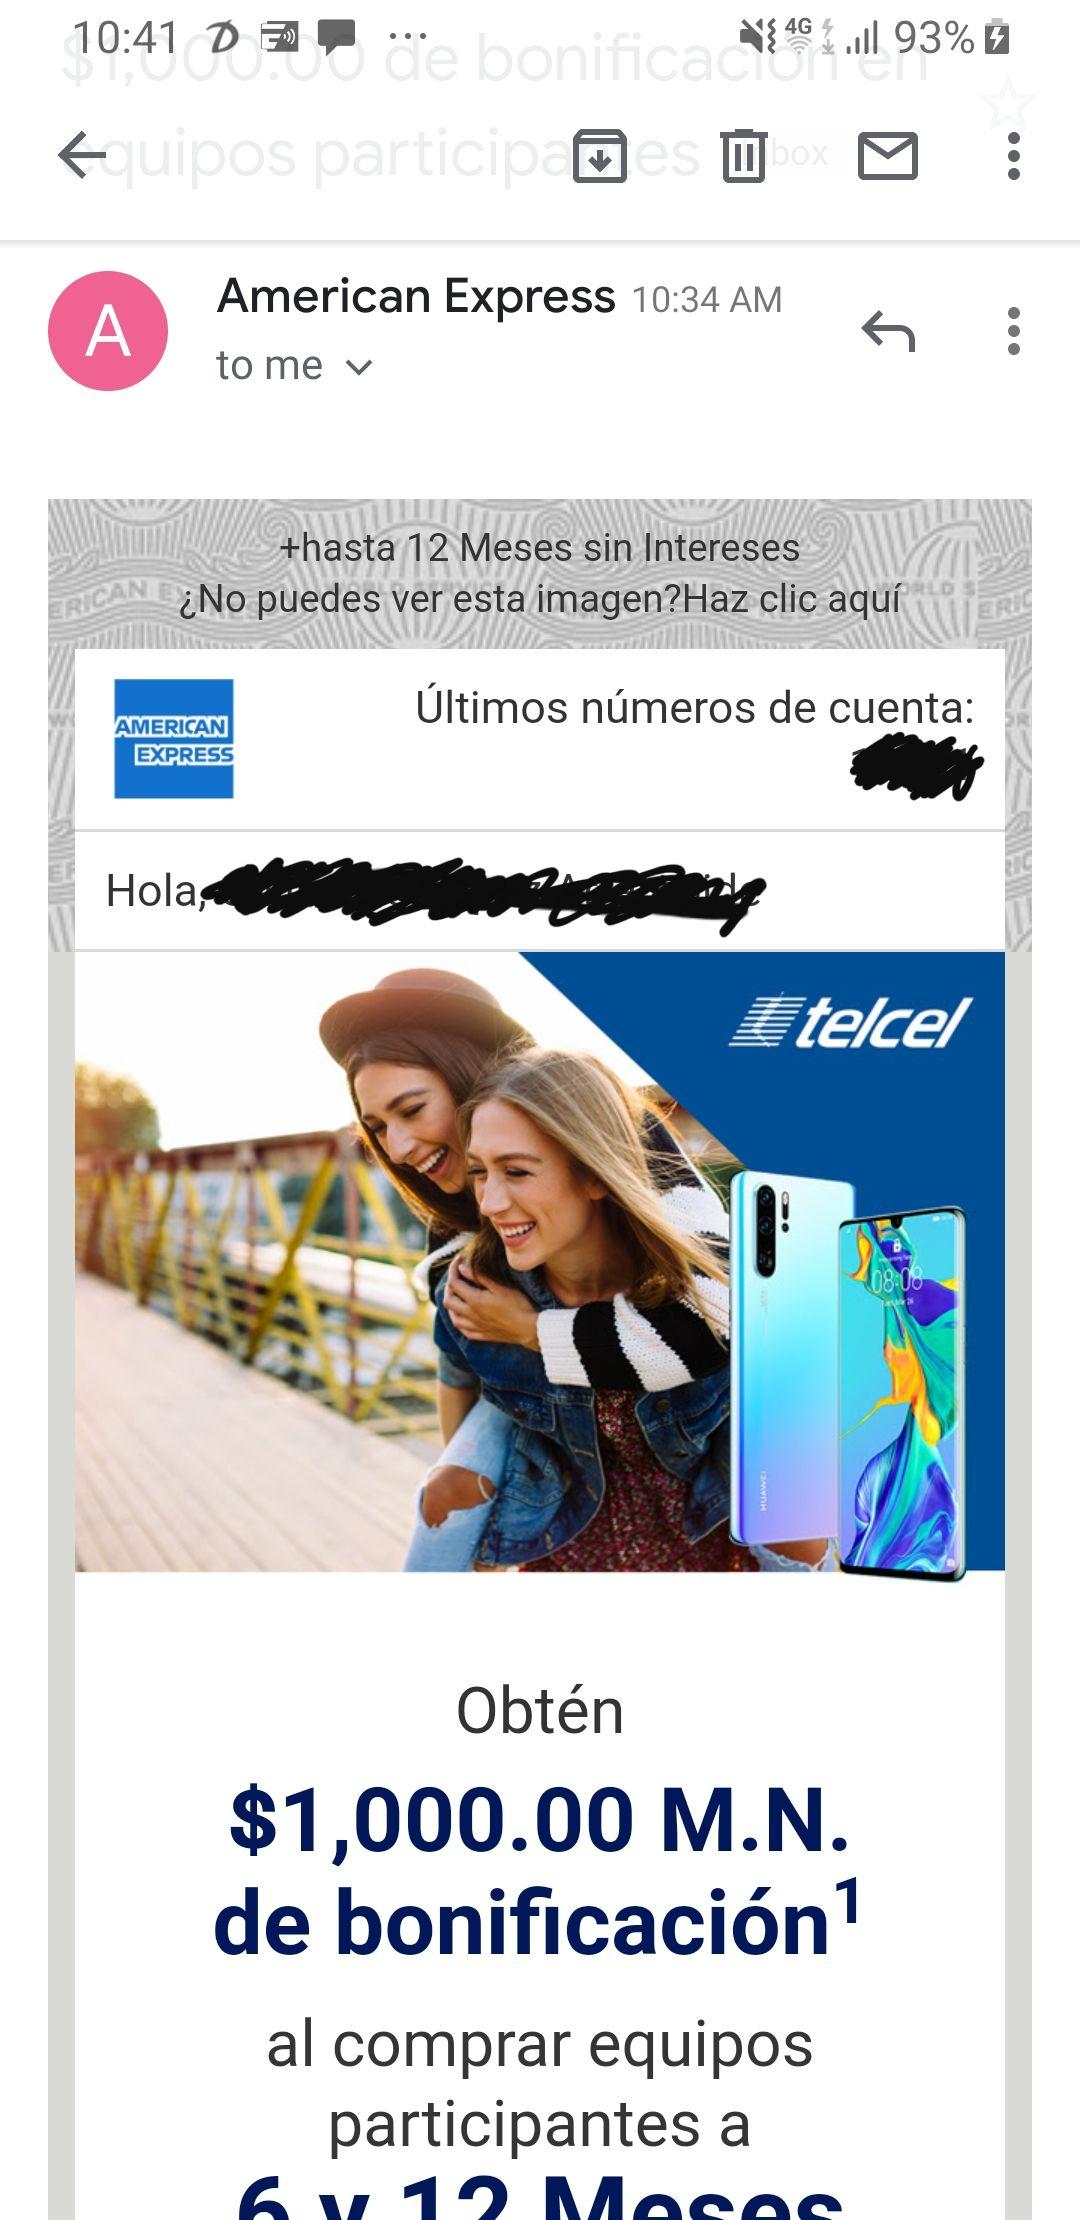 $1,000 de bonificación y 6 o 12 MSI en celulares Huawei con Telcel (pagando con American Express)